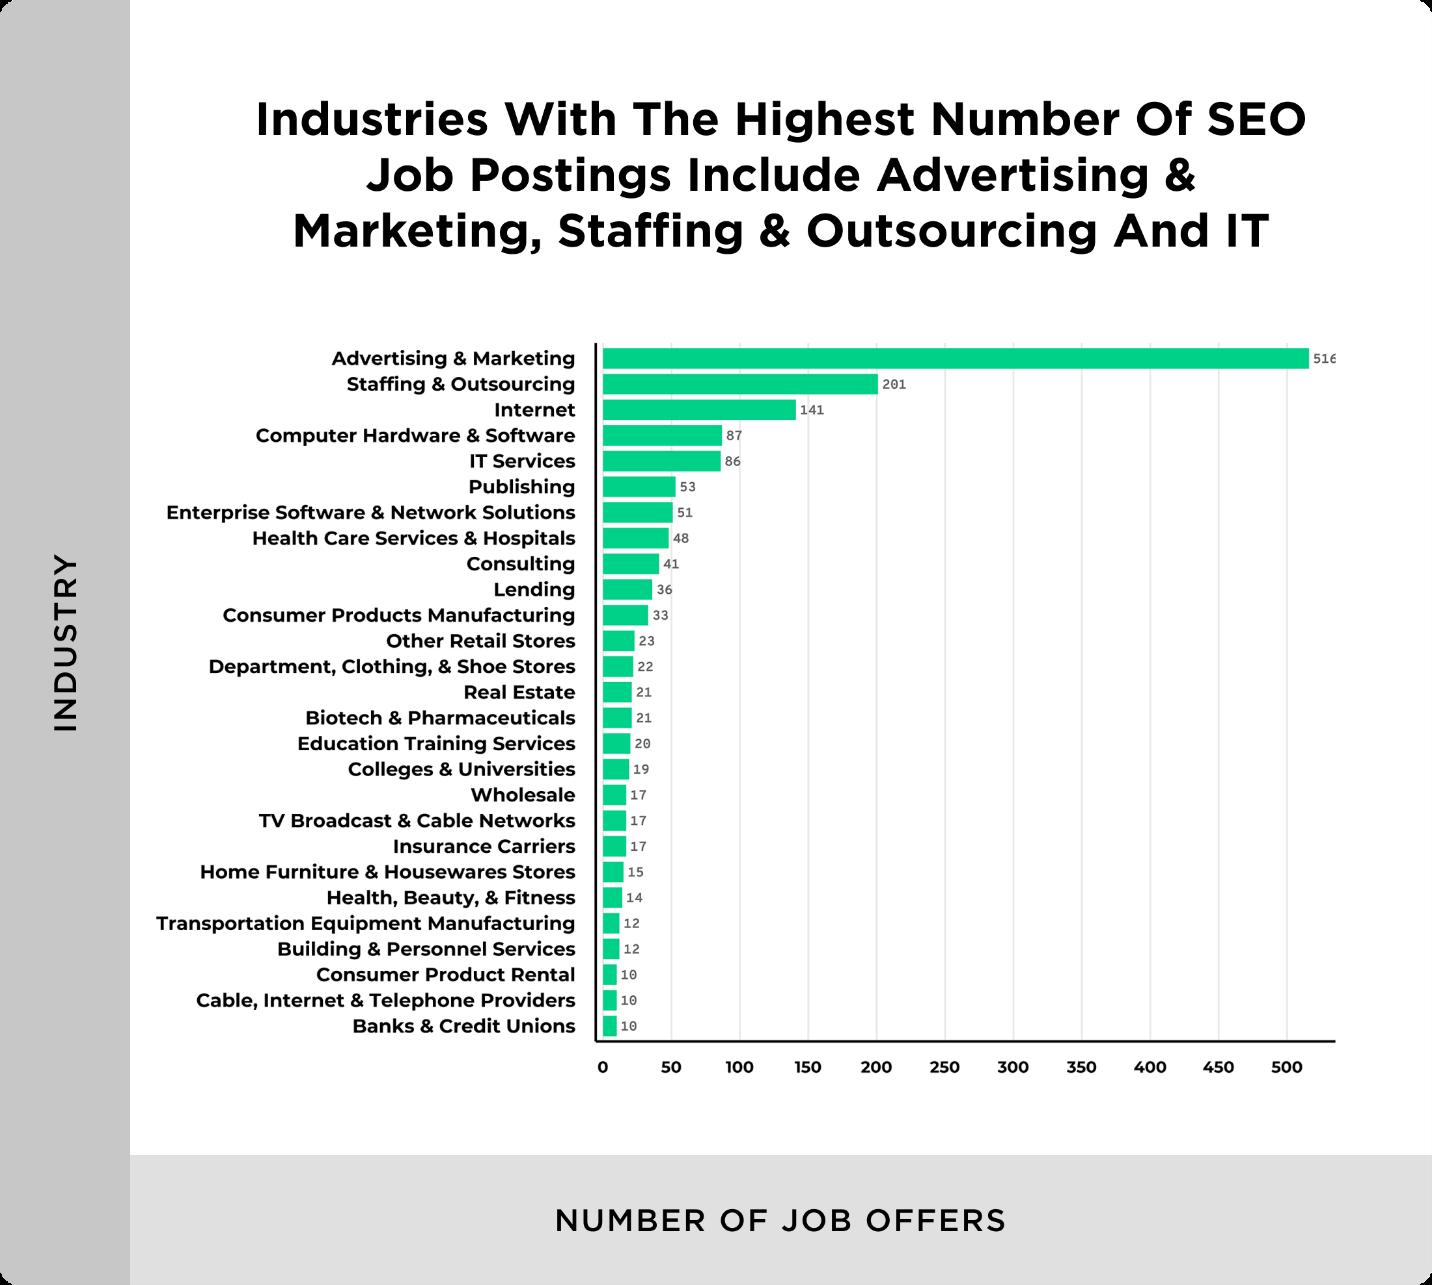 Number of job postings by industry